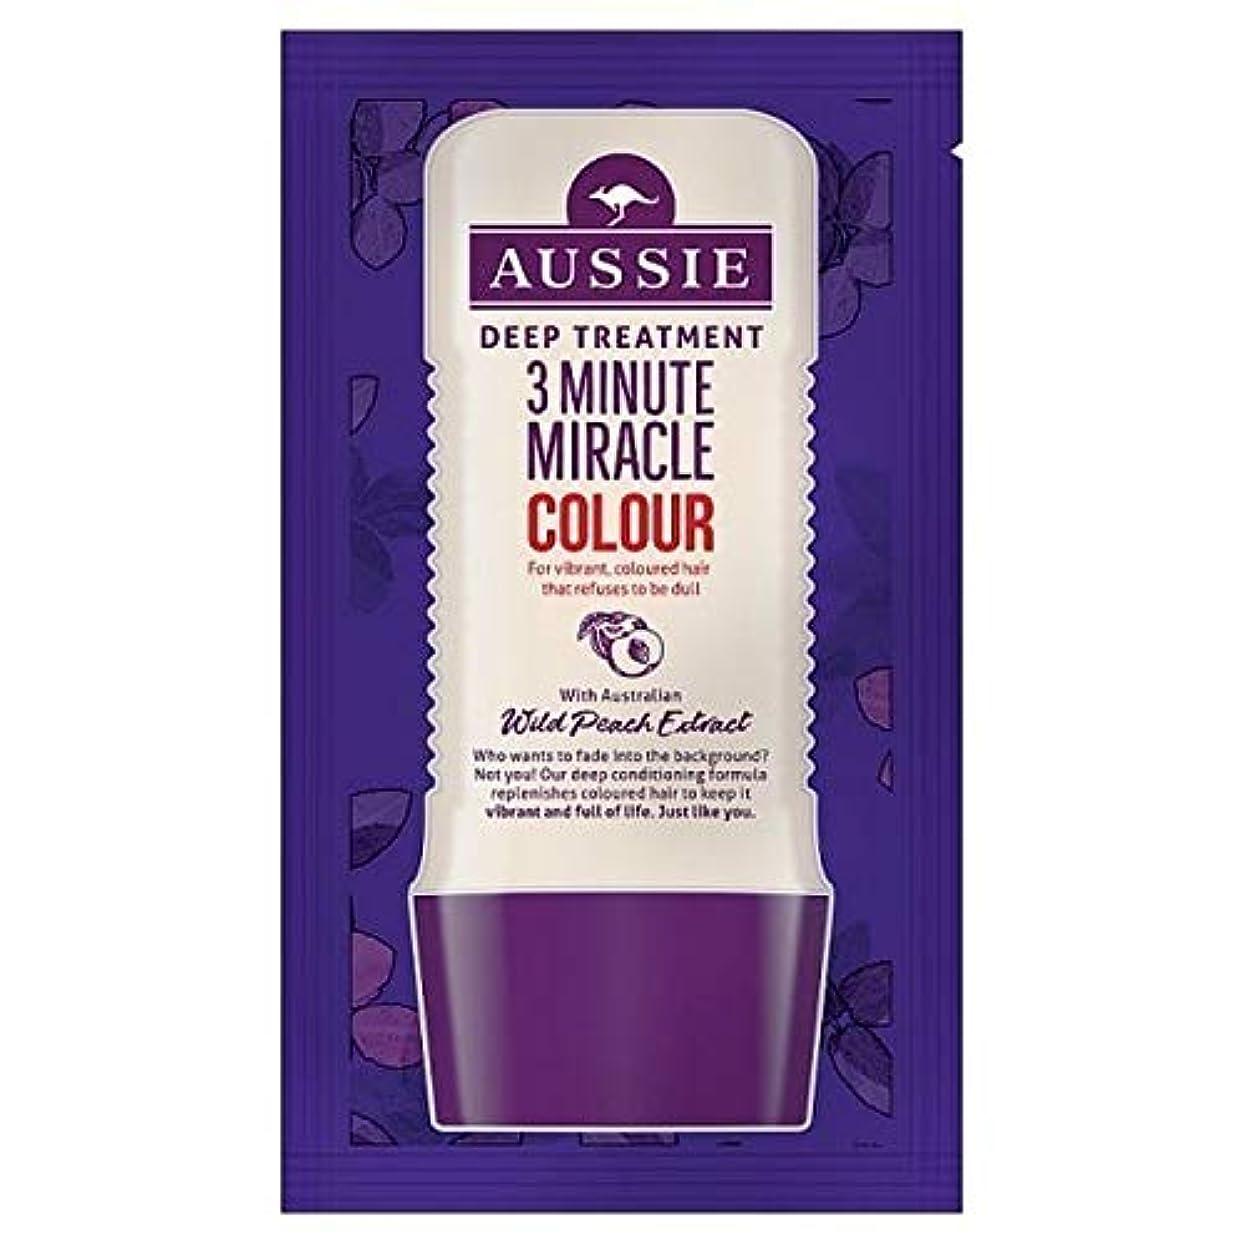 削るパイプライン理論[Aussie ] オーストラリアの深い治療3分の奇跡カラー20ミリリットル - Aussie Deep Treatment 3 Minute Miracle Colour 20ml [並行輸入品]